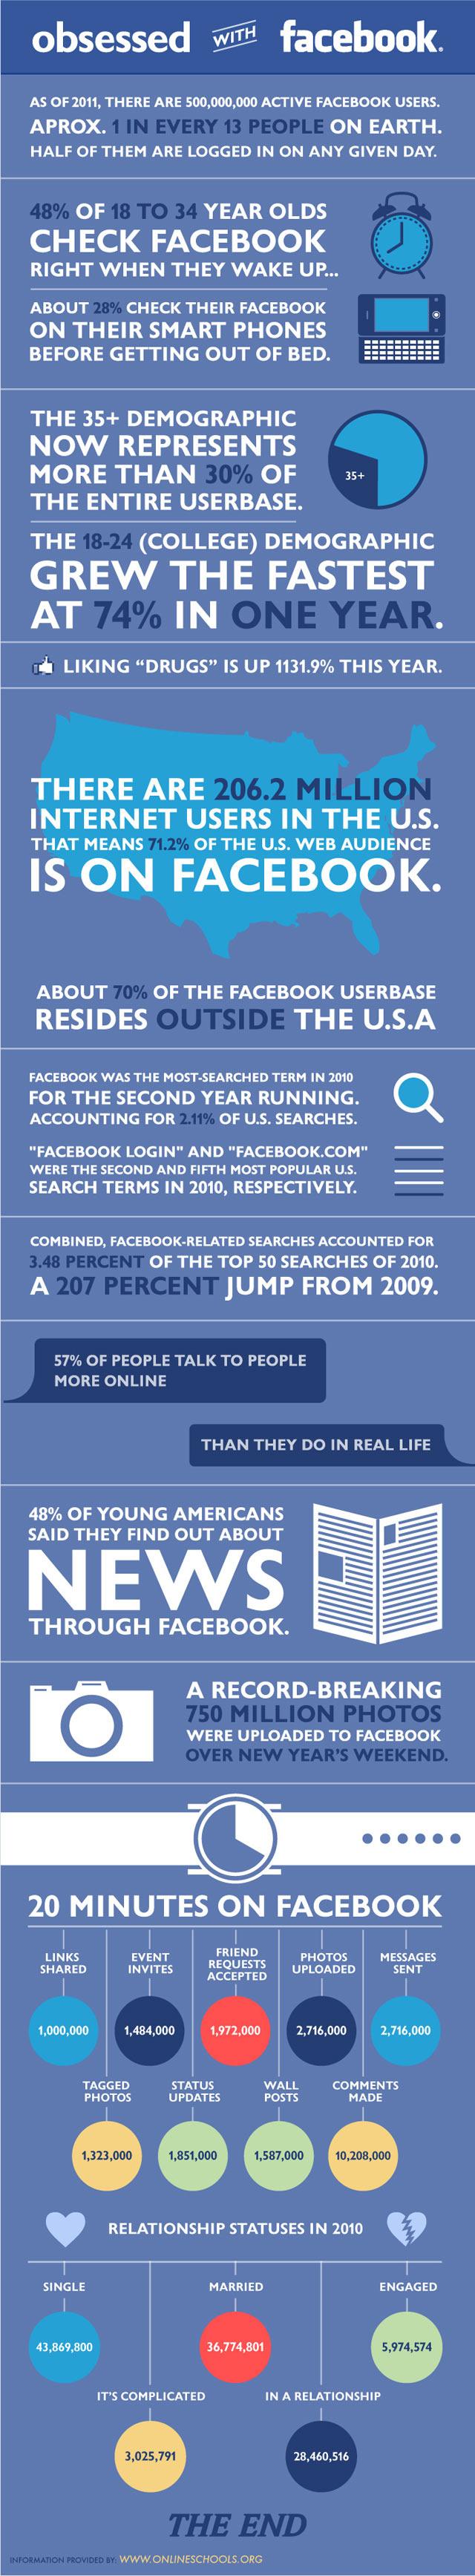 Sociální síť Facebook.com a uživatelé - infograf